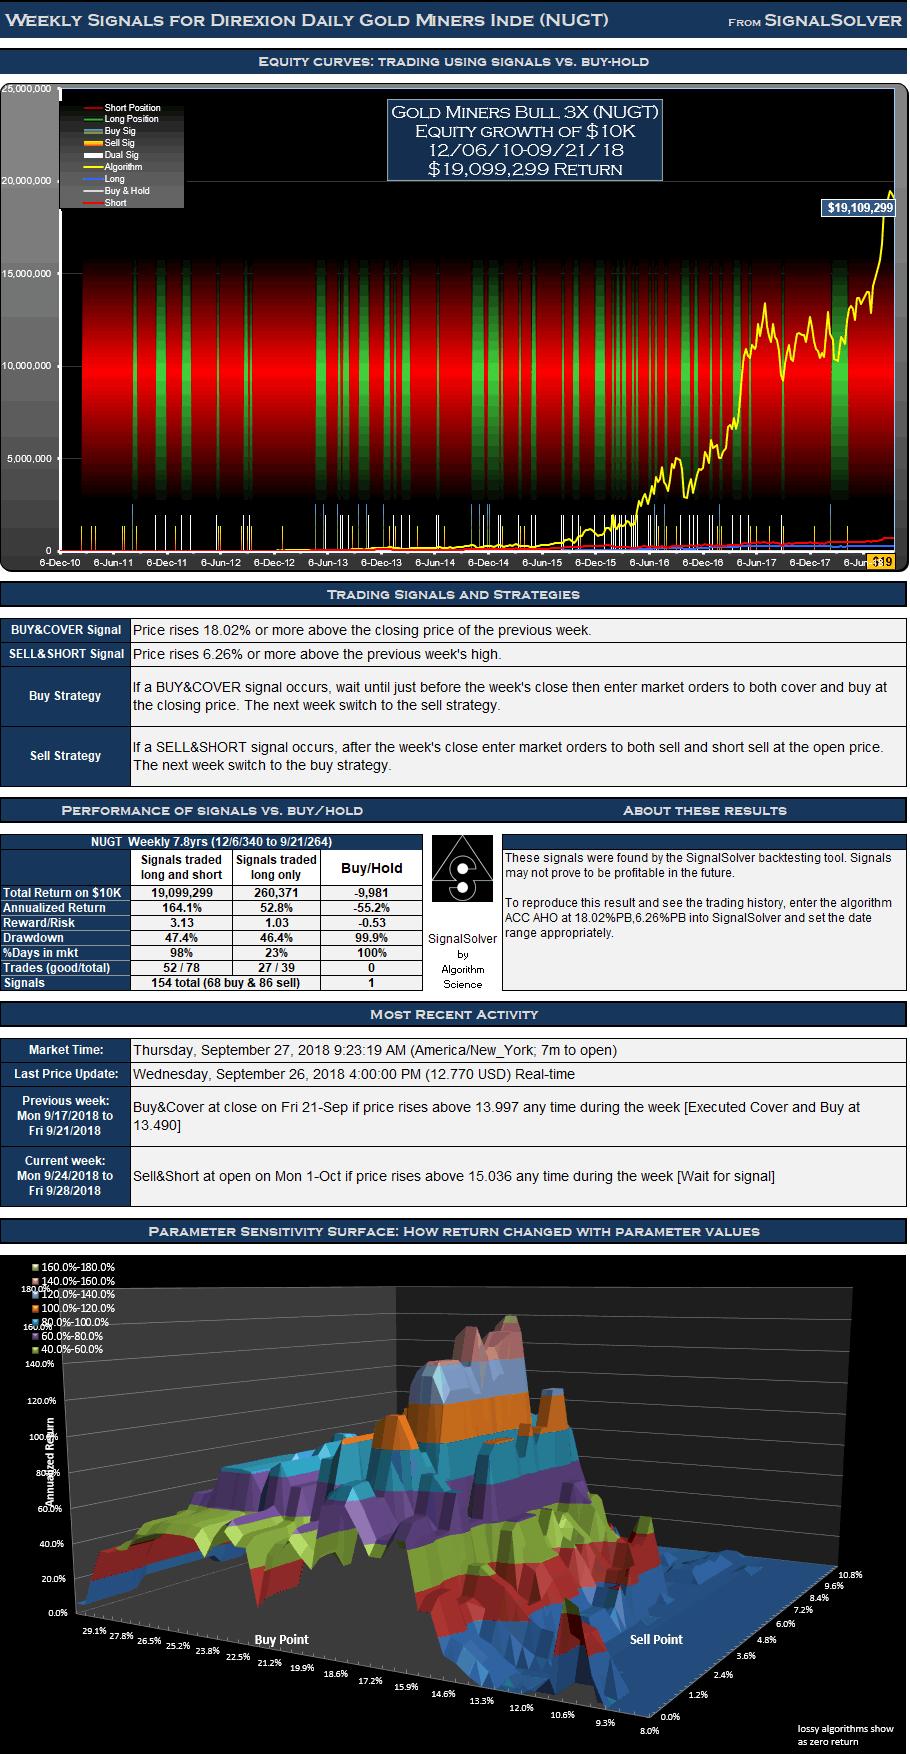 NUGT Signals Weekly